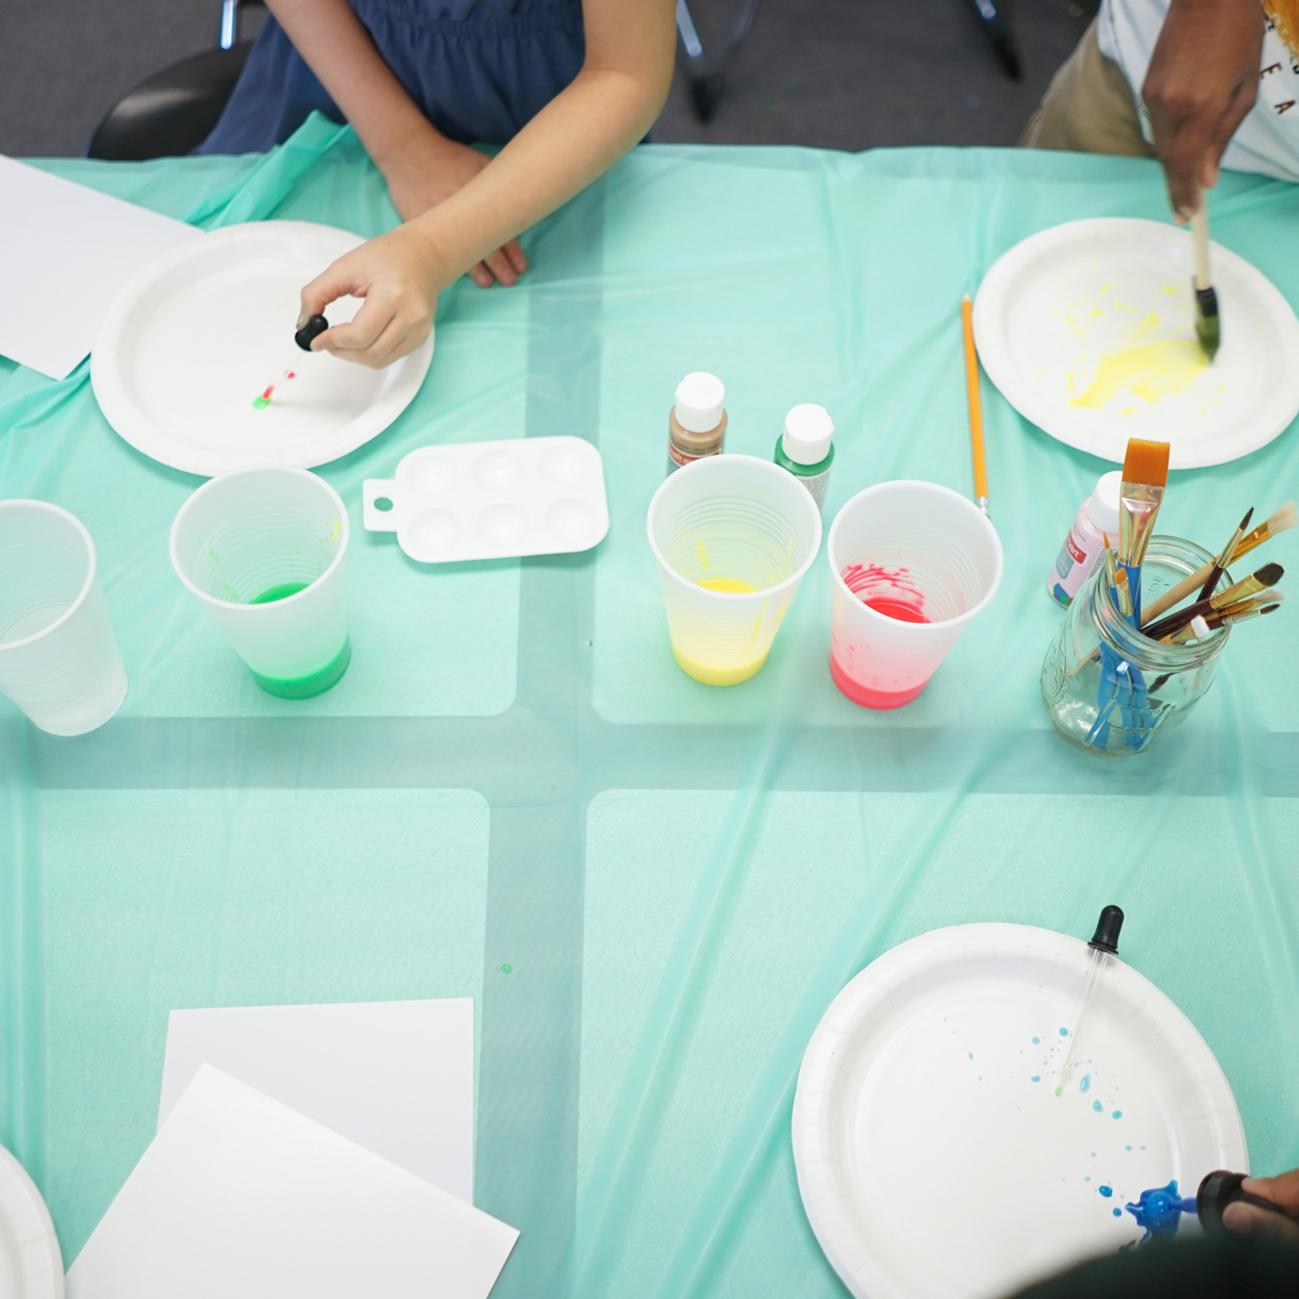 art-classes-making-art-2.jpg